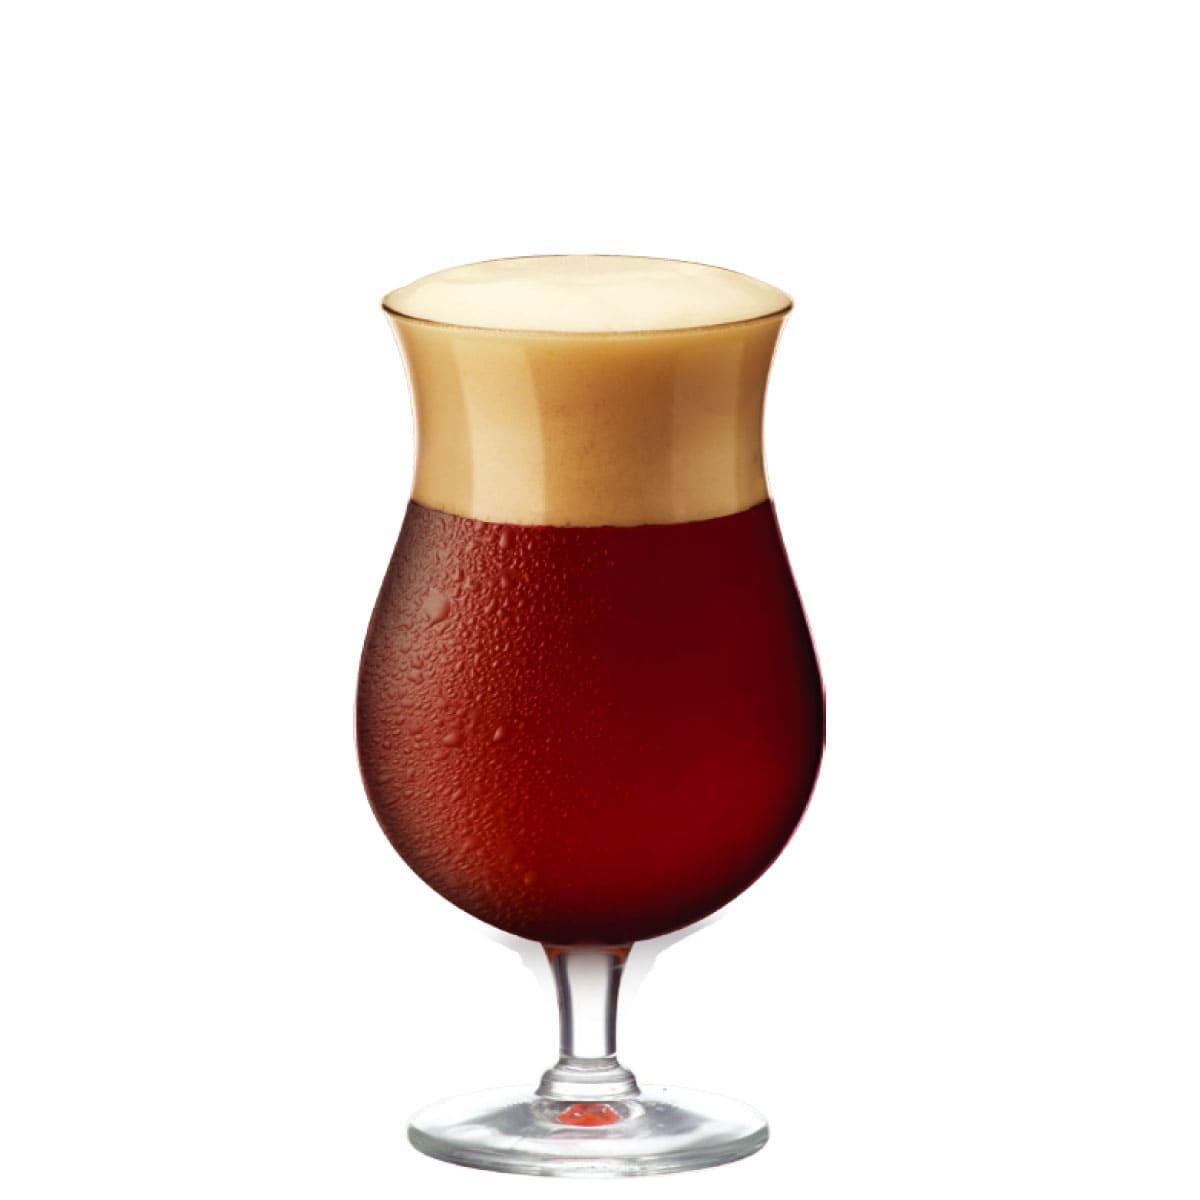 Jogo de Taças de Cerveja Cristal Double Bock 645ml  12 Pcs